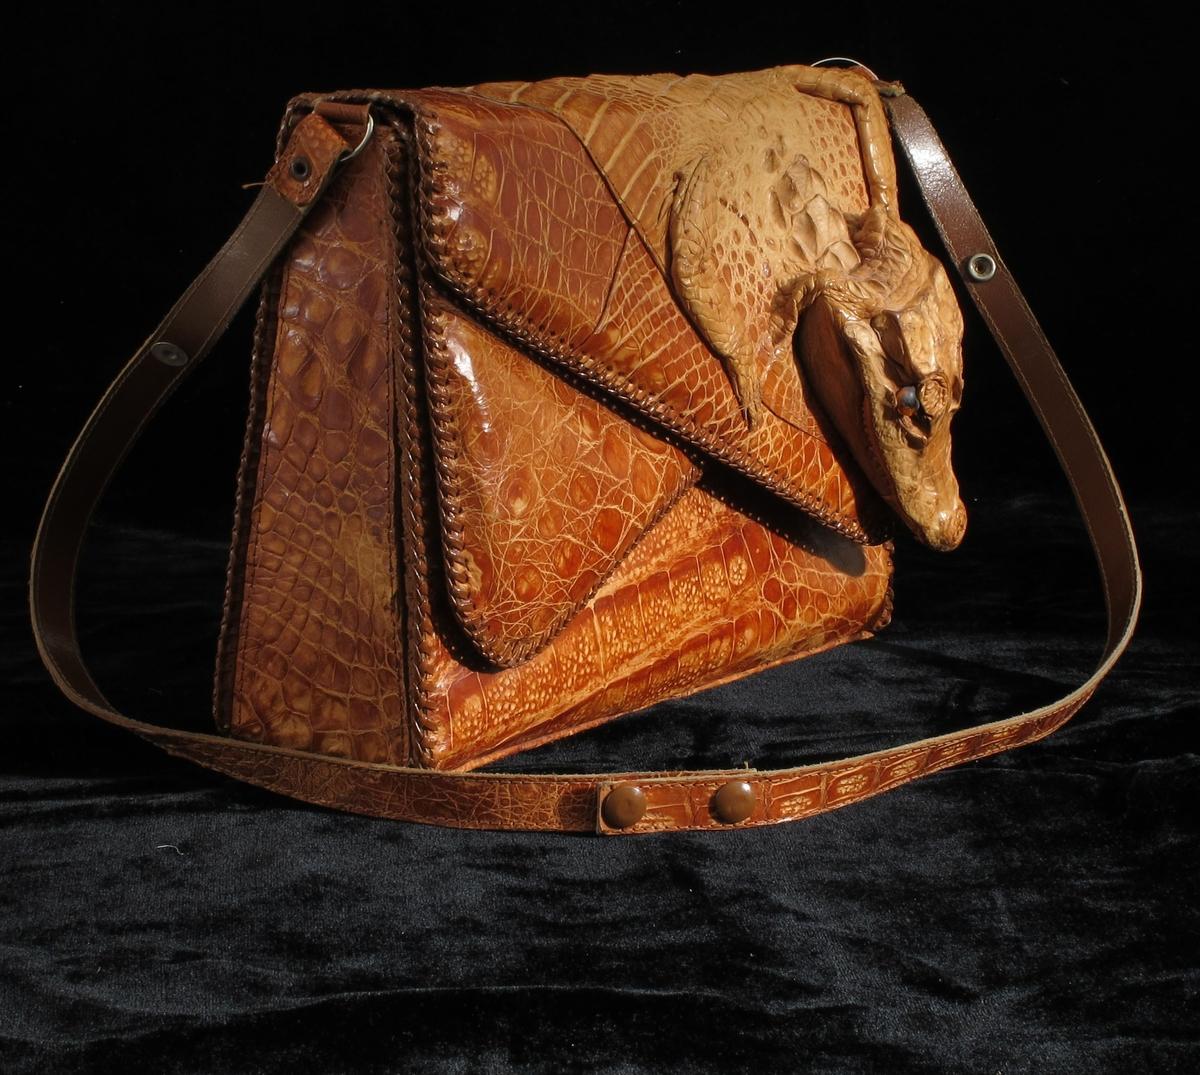 Veske laget av alligatorskinn - hele skinnet et brukt med hode og føtter. Vesken har flere rom og en liten lomme med glidelås.